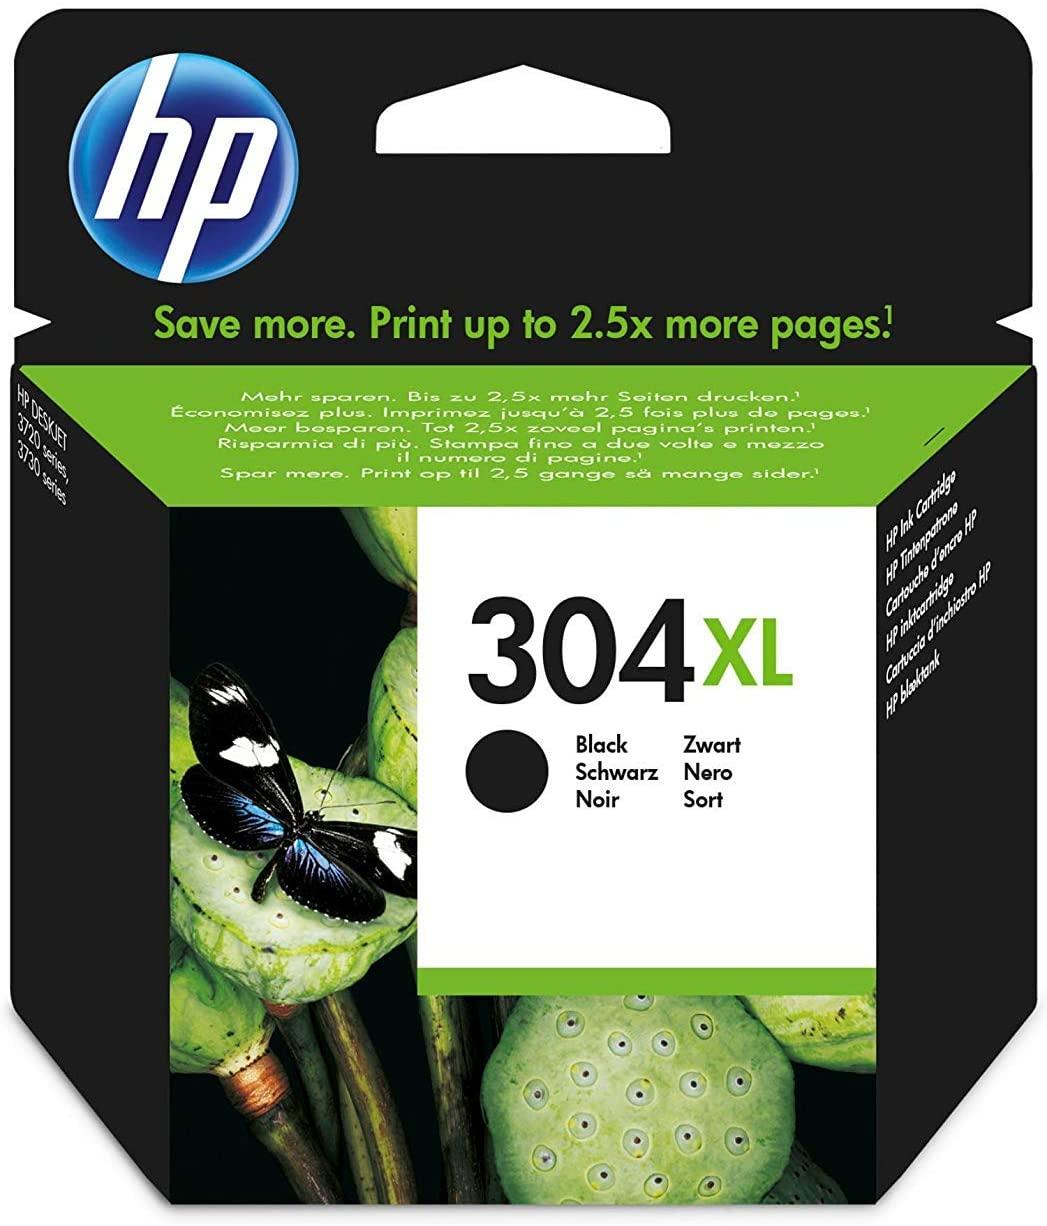 HP 304XL schwarz Original Druckerpatrone mit hoher Reichweite für HP DeskJet 2630, 3720, 3720, 3720,